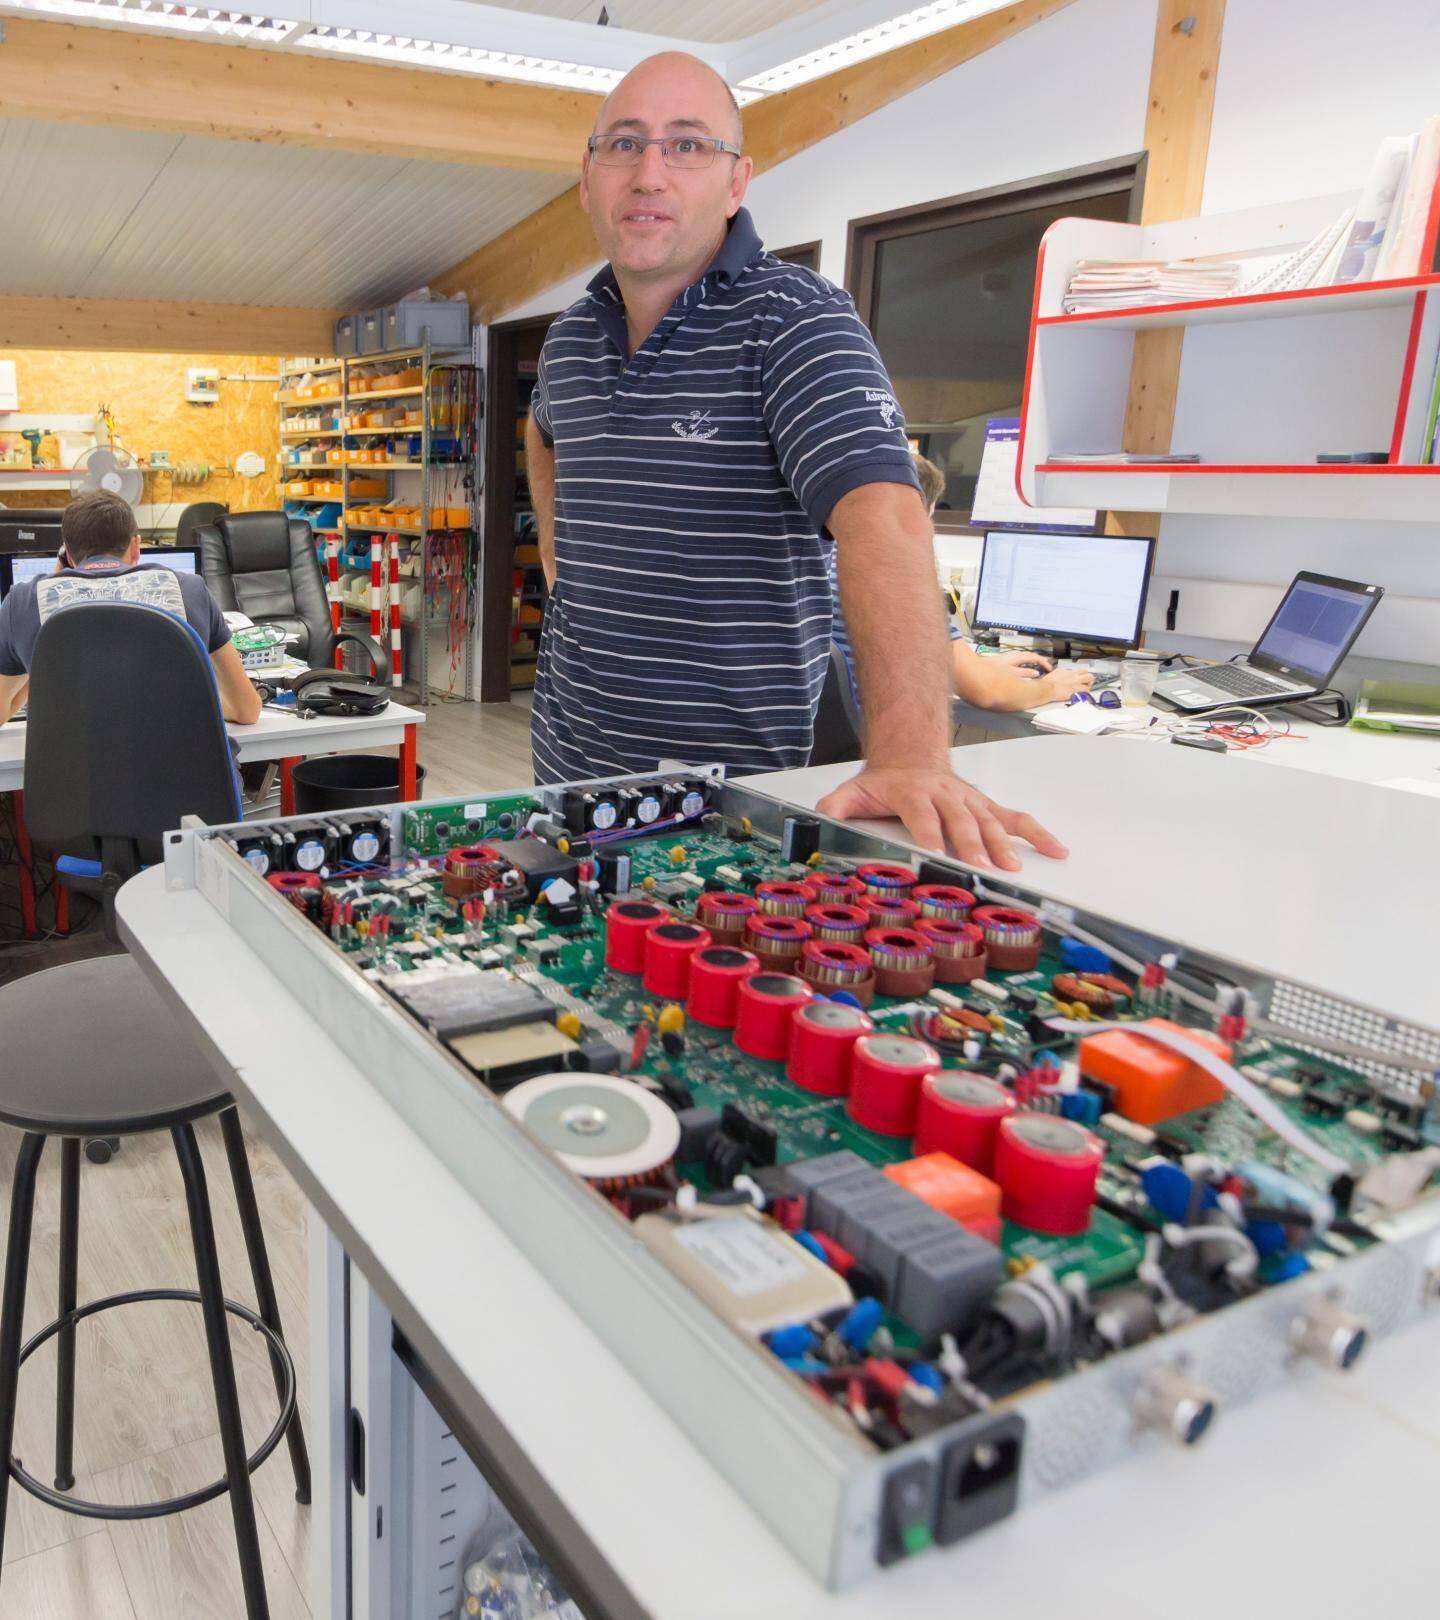 Roland d'Authier, dans son entreprise de Sophia Antipolis, a conçu les dispositifs électroniques qui rendent les futures routes photovoltaïques plus sûres.